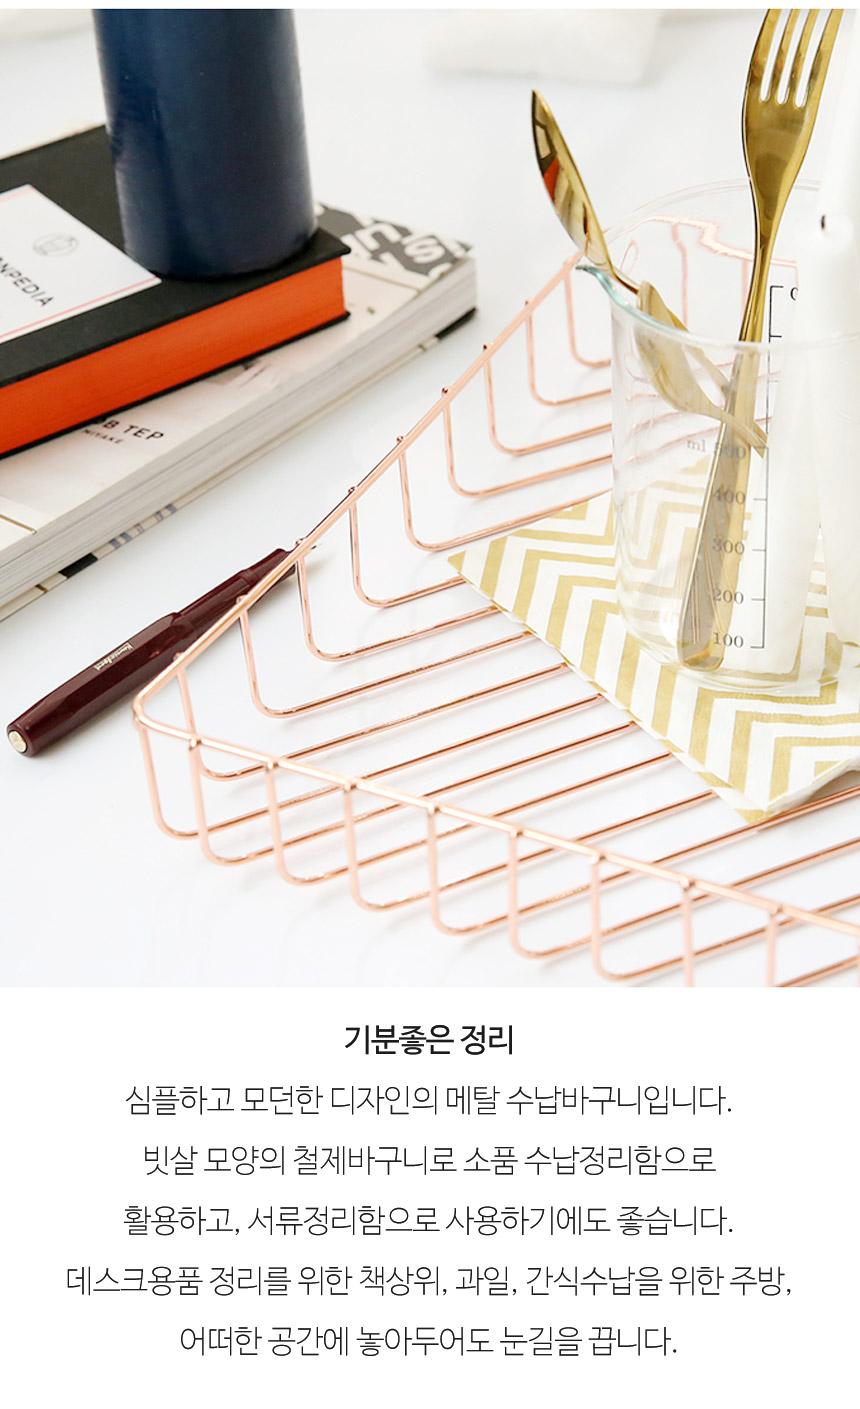 1단 로즈골드서류보관함 - 시나몬샵, 19,900원, 문서/서류 정리, 파일/책꽂이